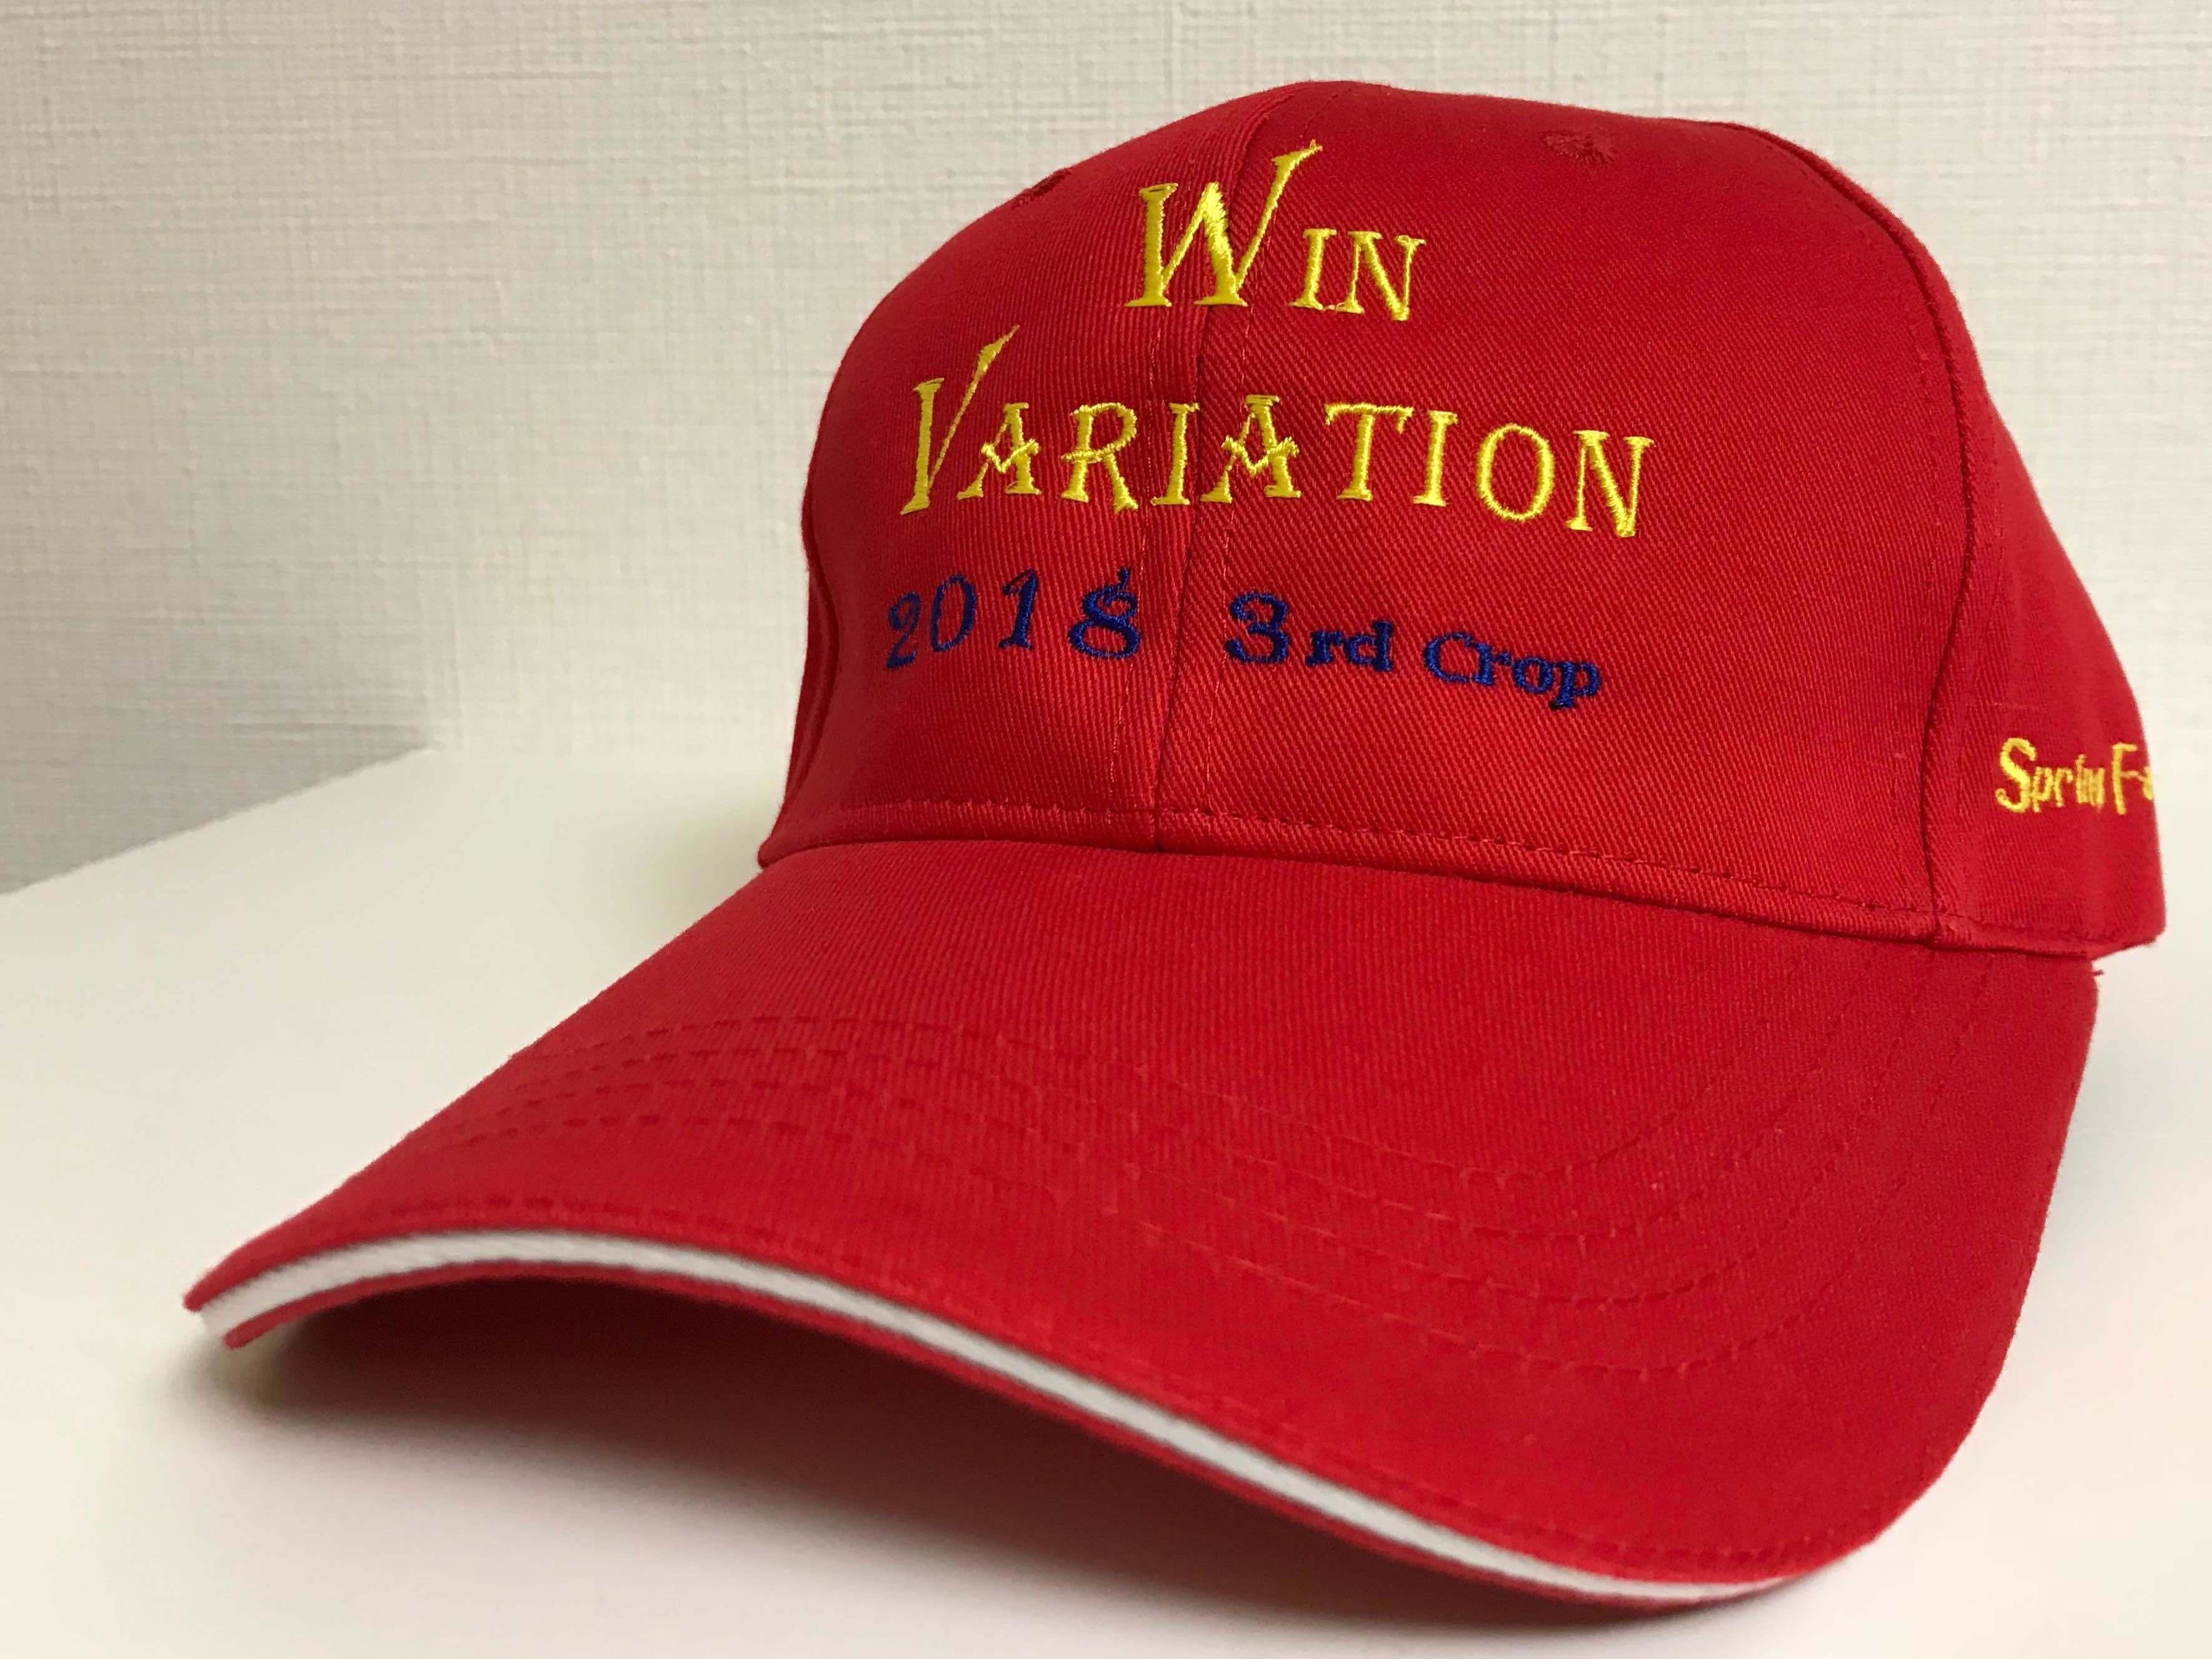 ウインバリアシオン号 2018 Year CAP